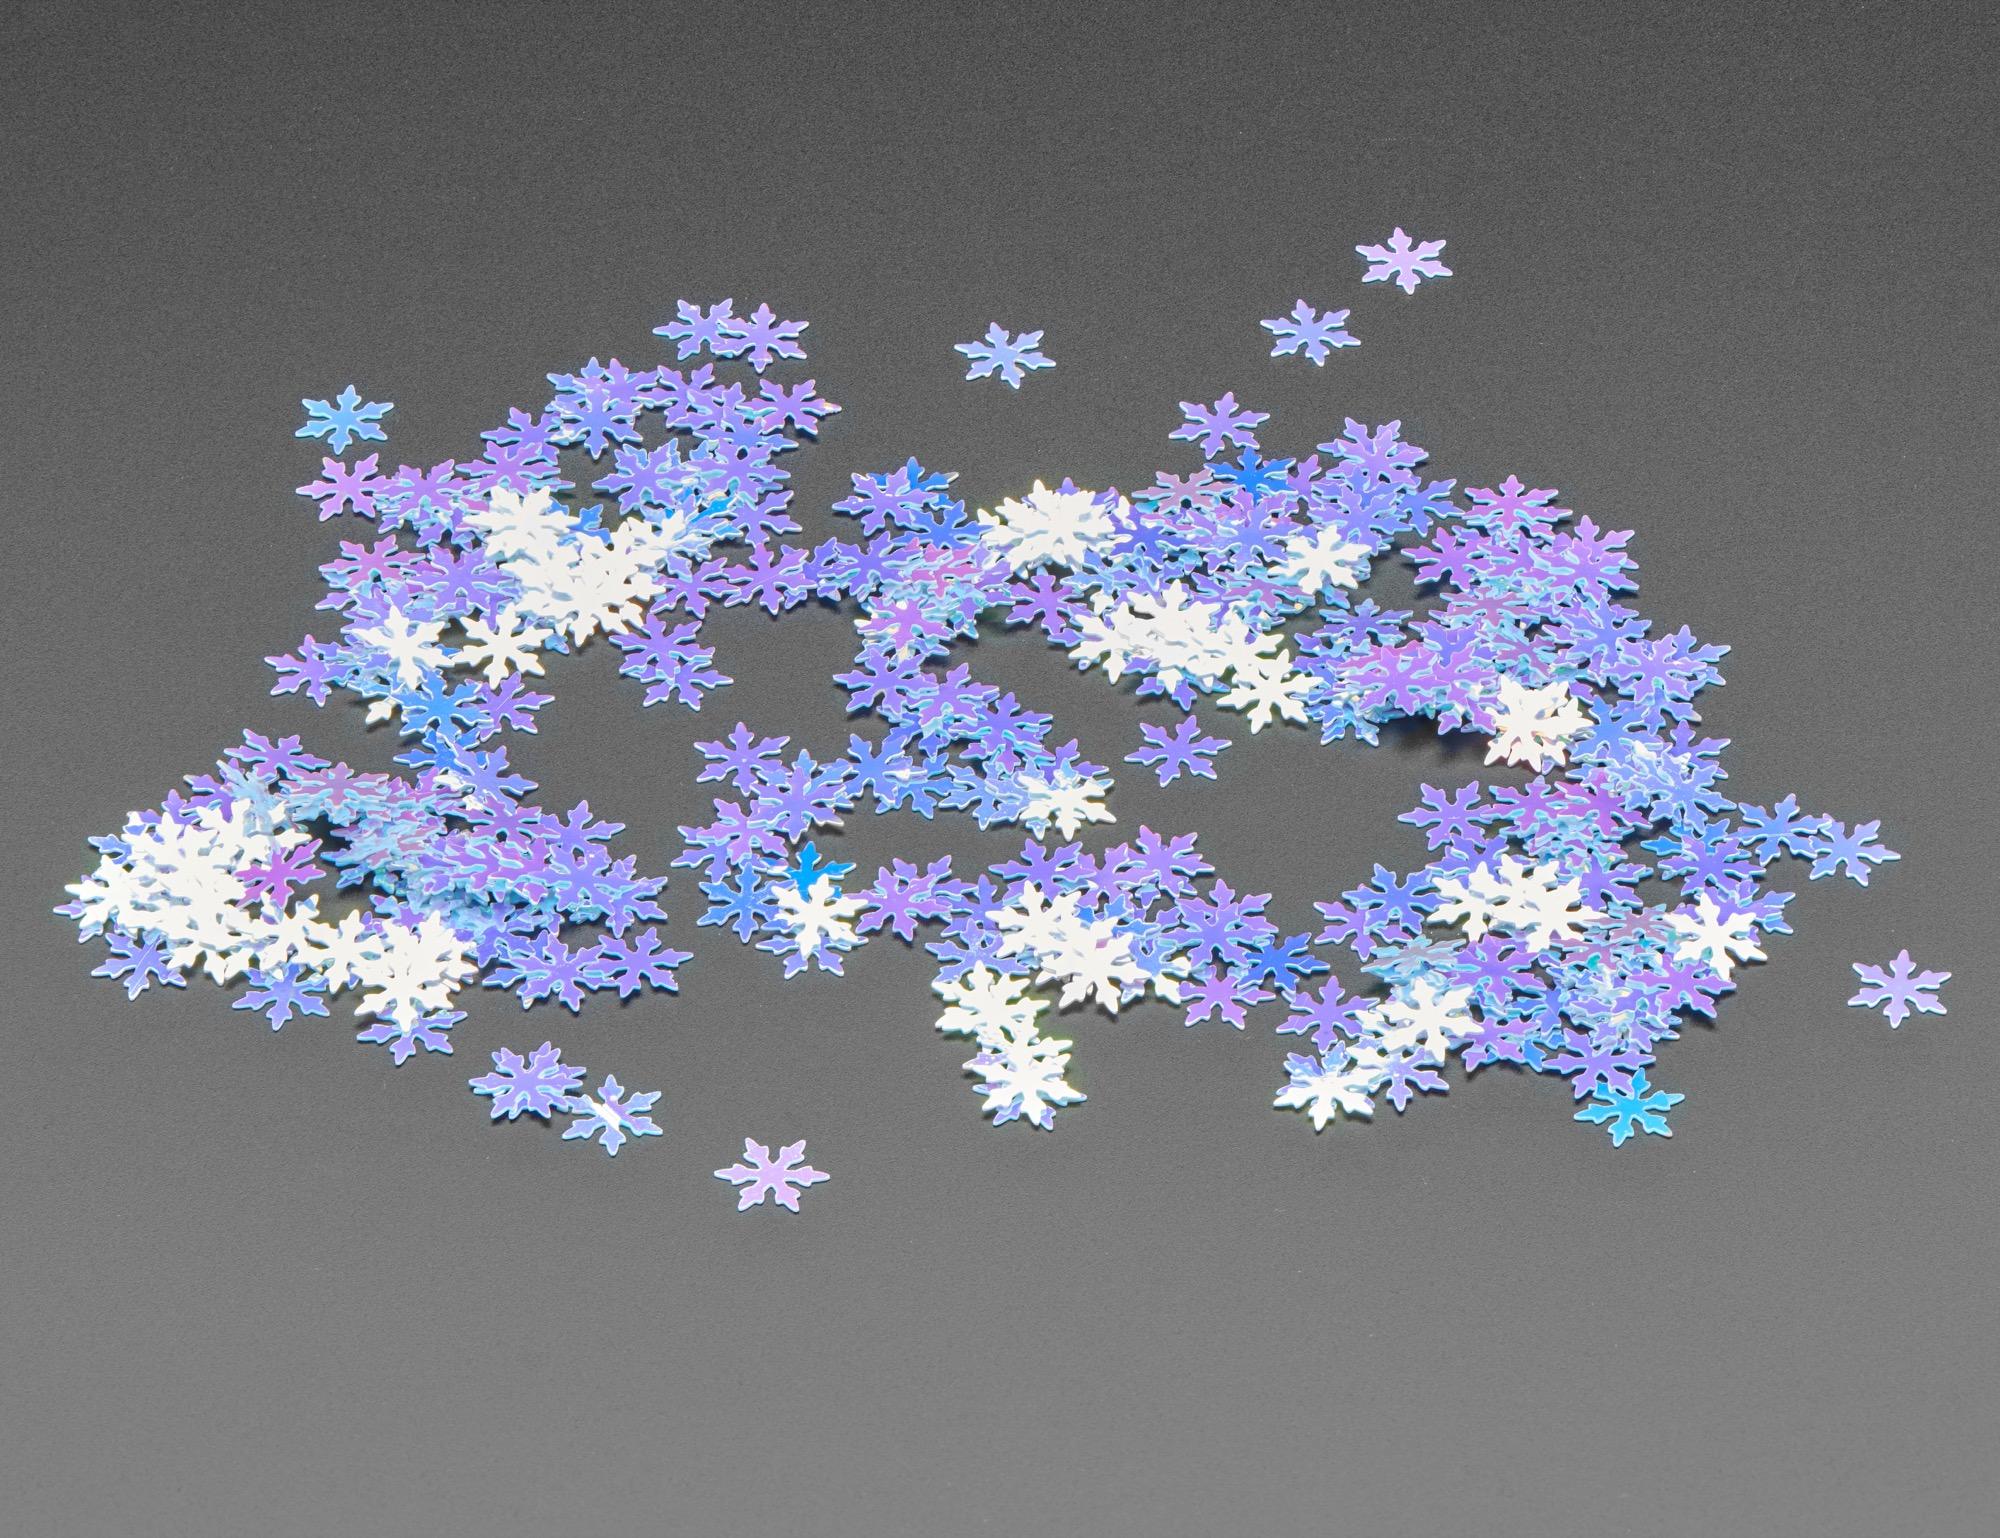 adabox_Snowflake_Glitter_iso_kit.jpg